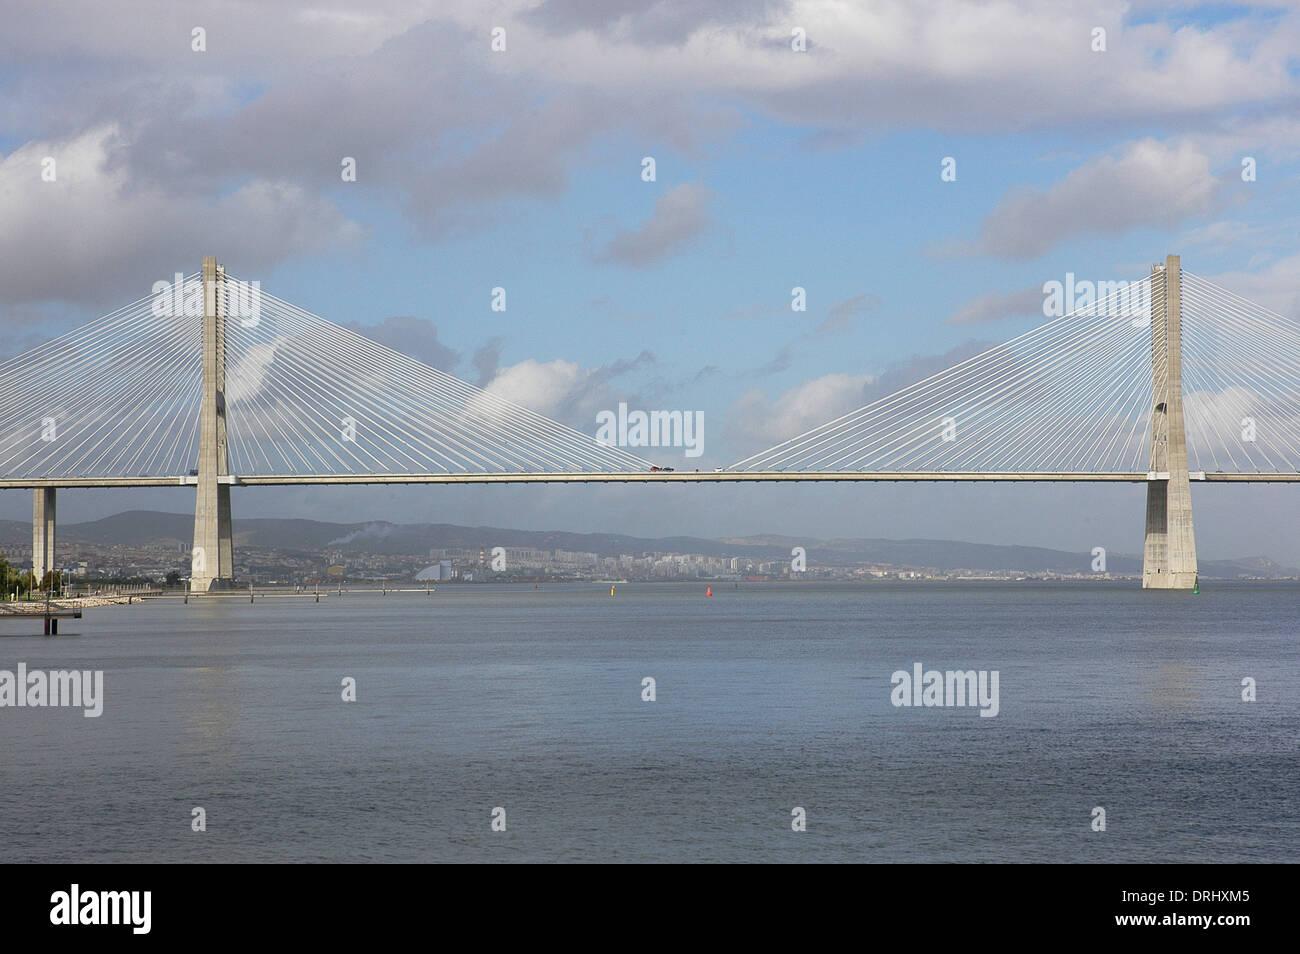 Portugal. Lisbon. The Vasco da Gama Bridge. Built in 1995. - Stock Image